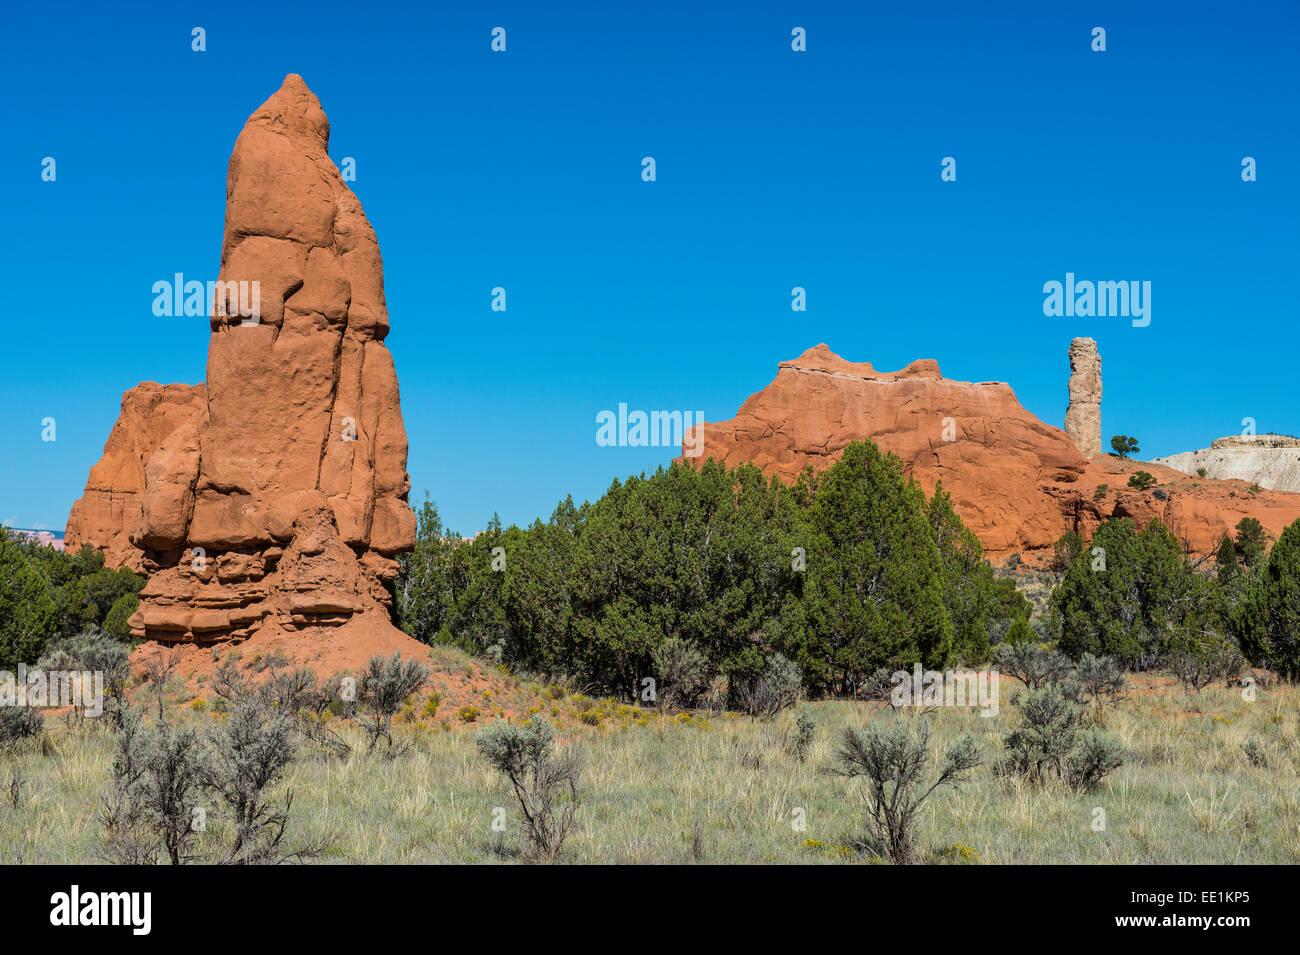 Les cheminées de grès dans le parc d'état de Kodachrome Basin, Utah, États-Unis d'Amérique, Photo Stock